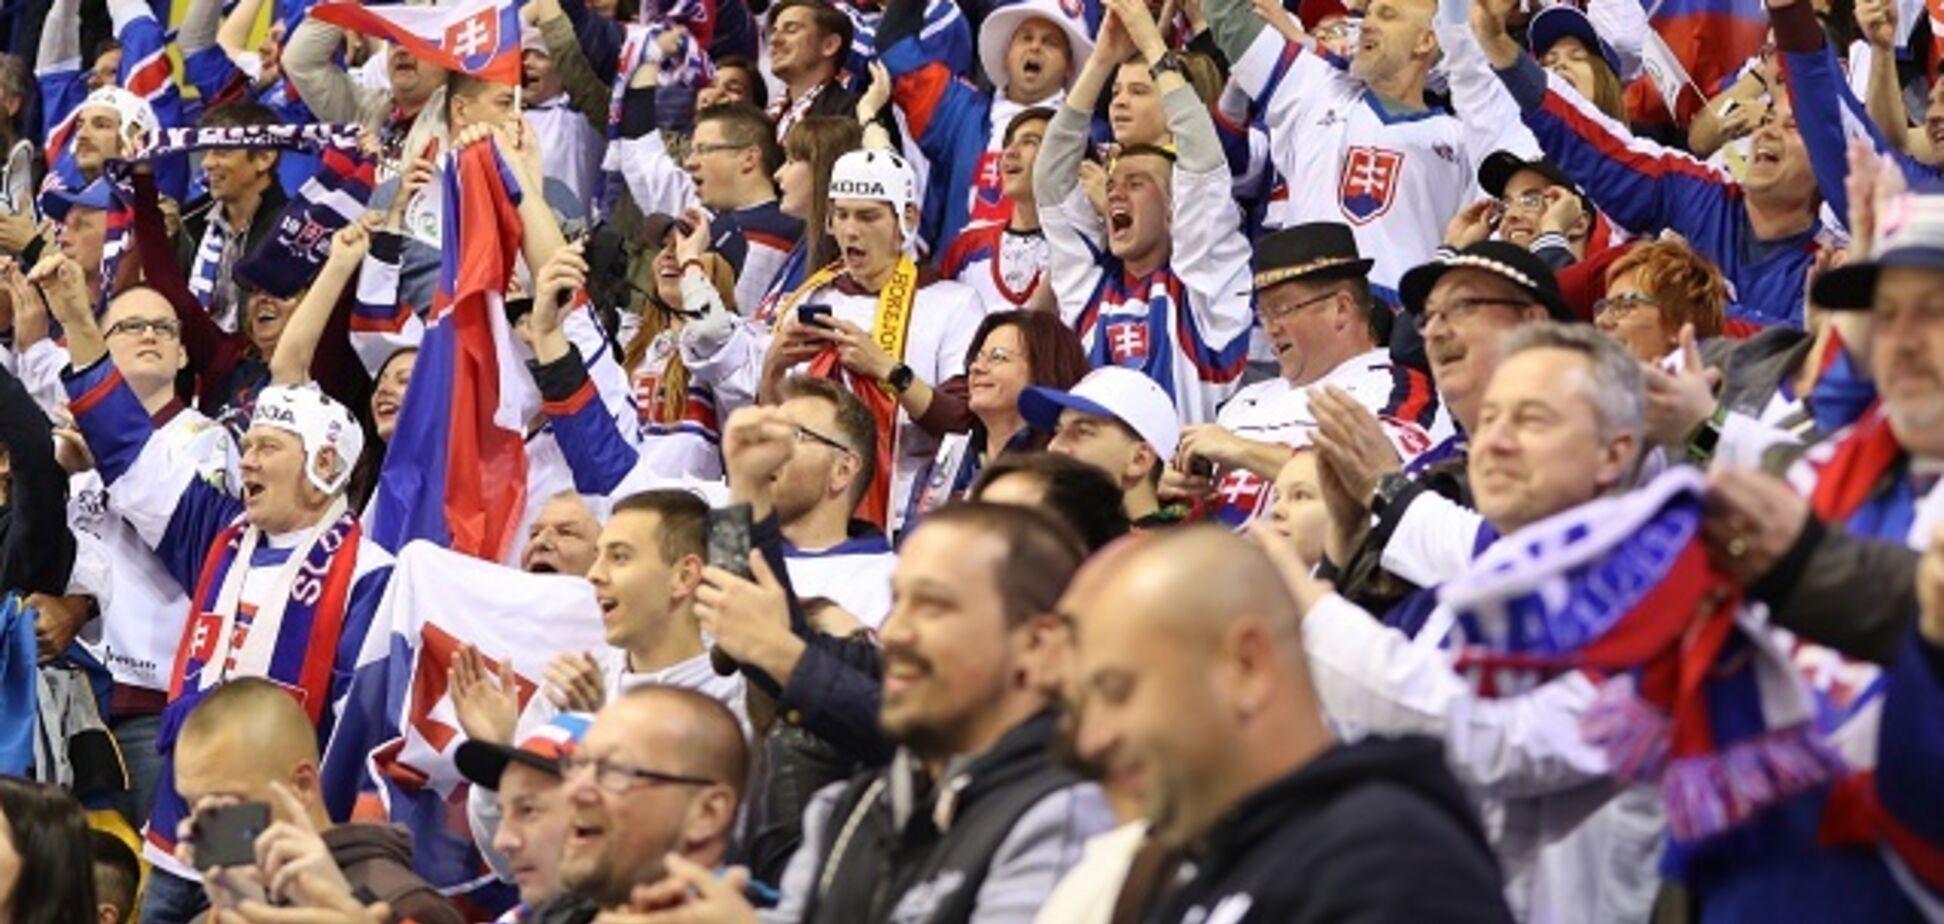 'Как обезьяны!' На чемпионате мира по хоккею вспыхнул громкий скандал: видеофакт